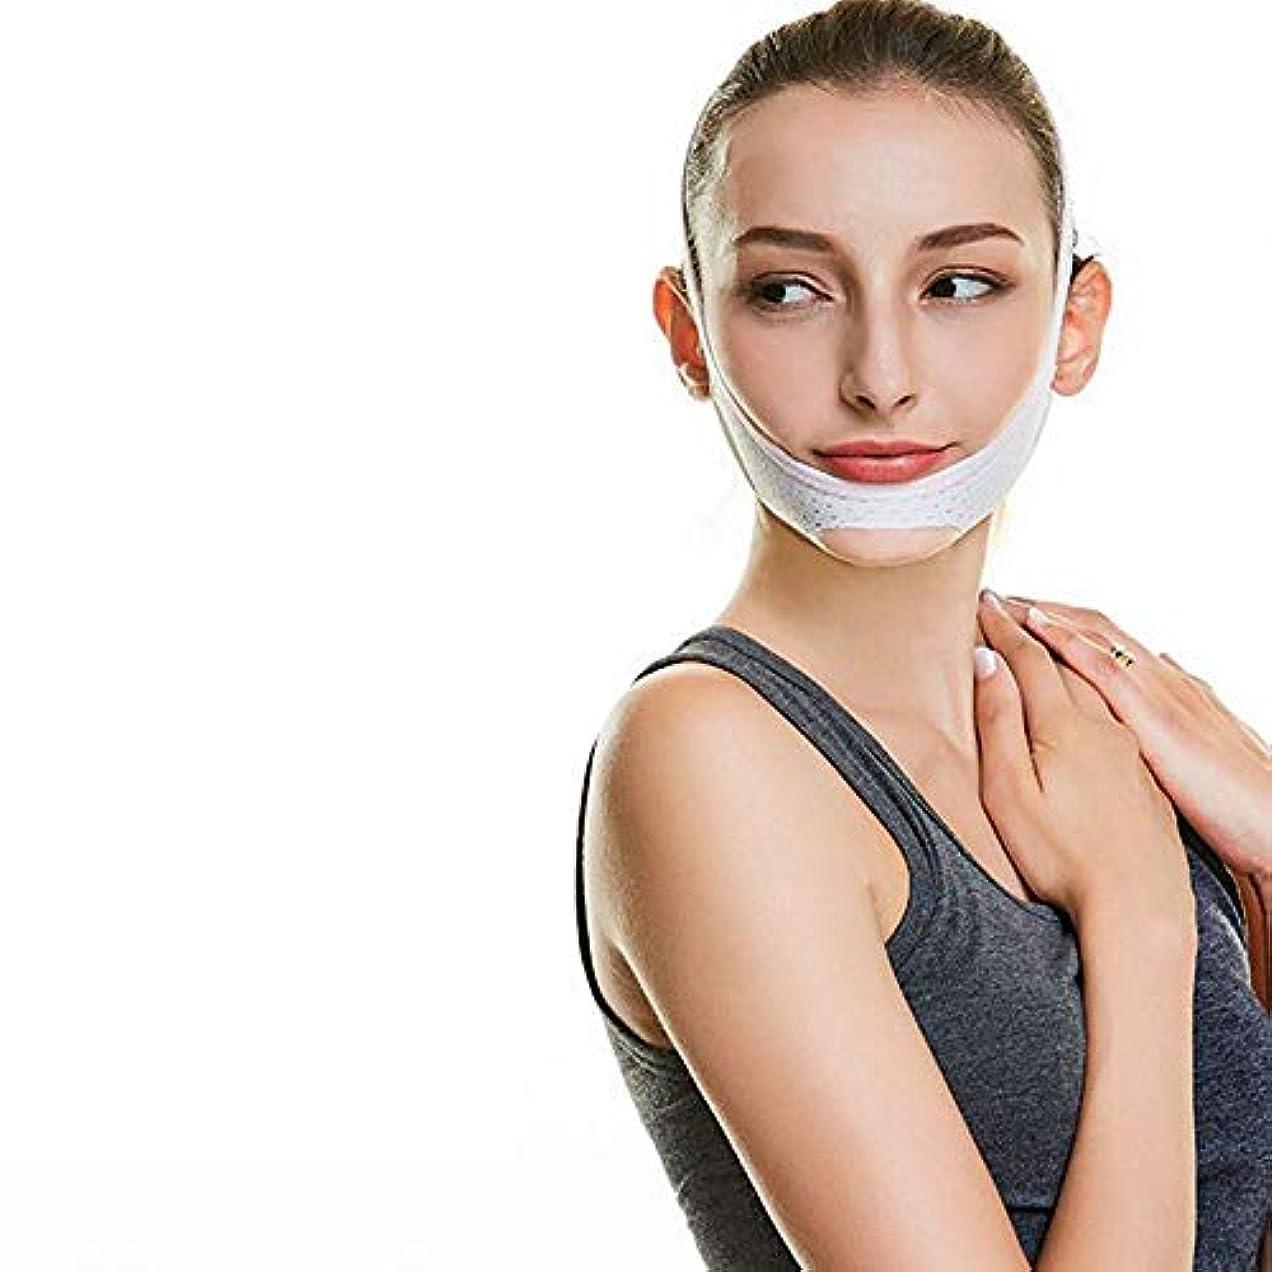 ゆりかごジョイントステンレスVフェイスライン包帯、顎ほぐれ防止防シワマスク極薄ベルト/ダブルチンフェイスタイプアライナ(ホワイト)